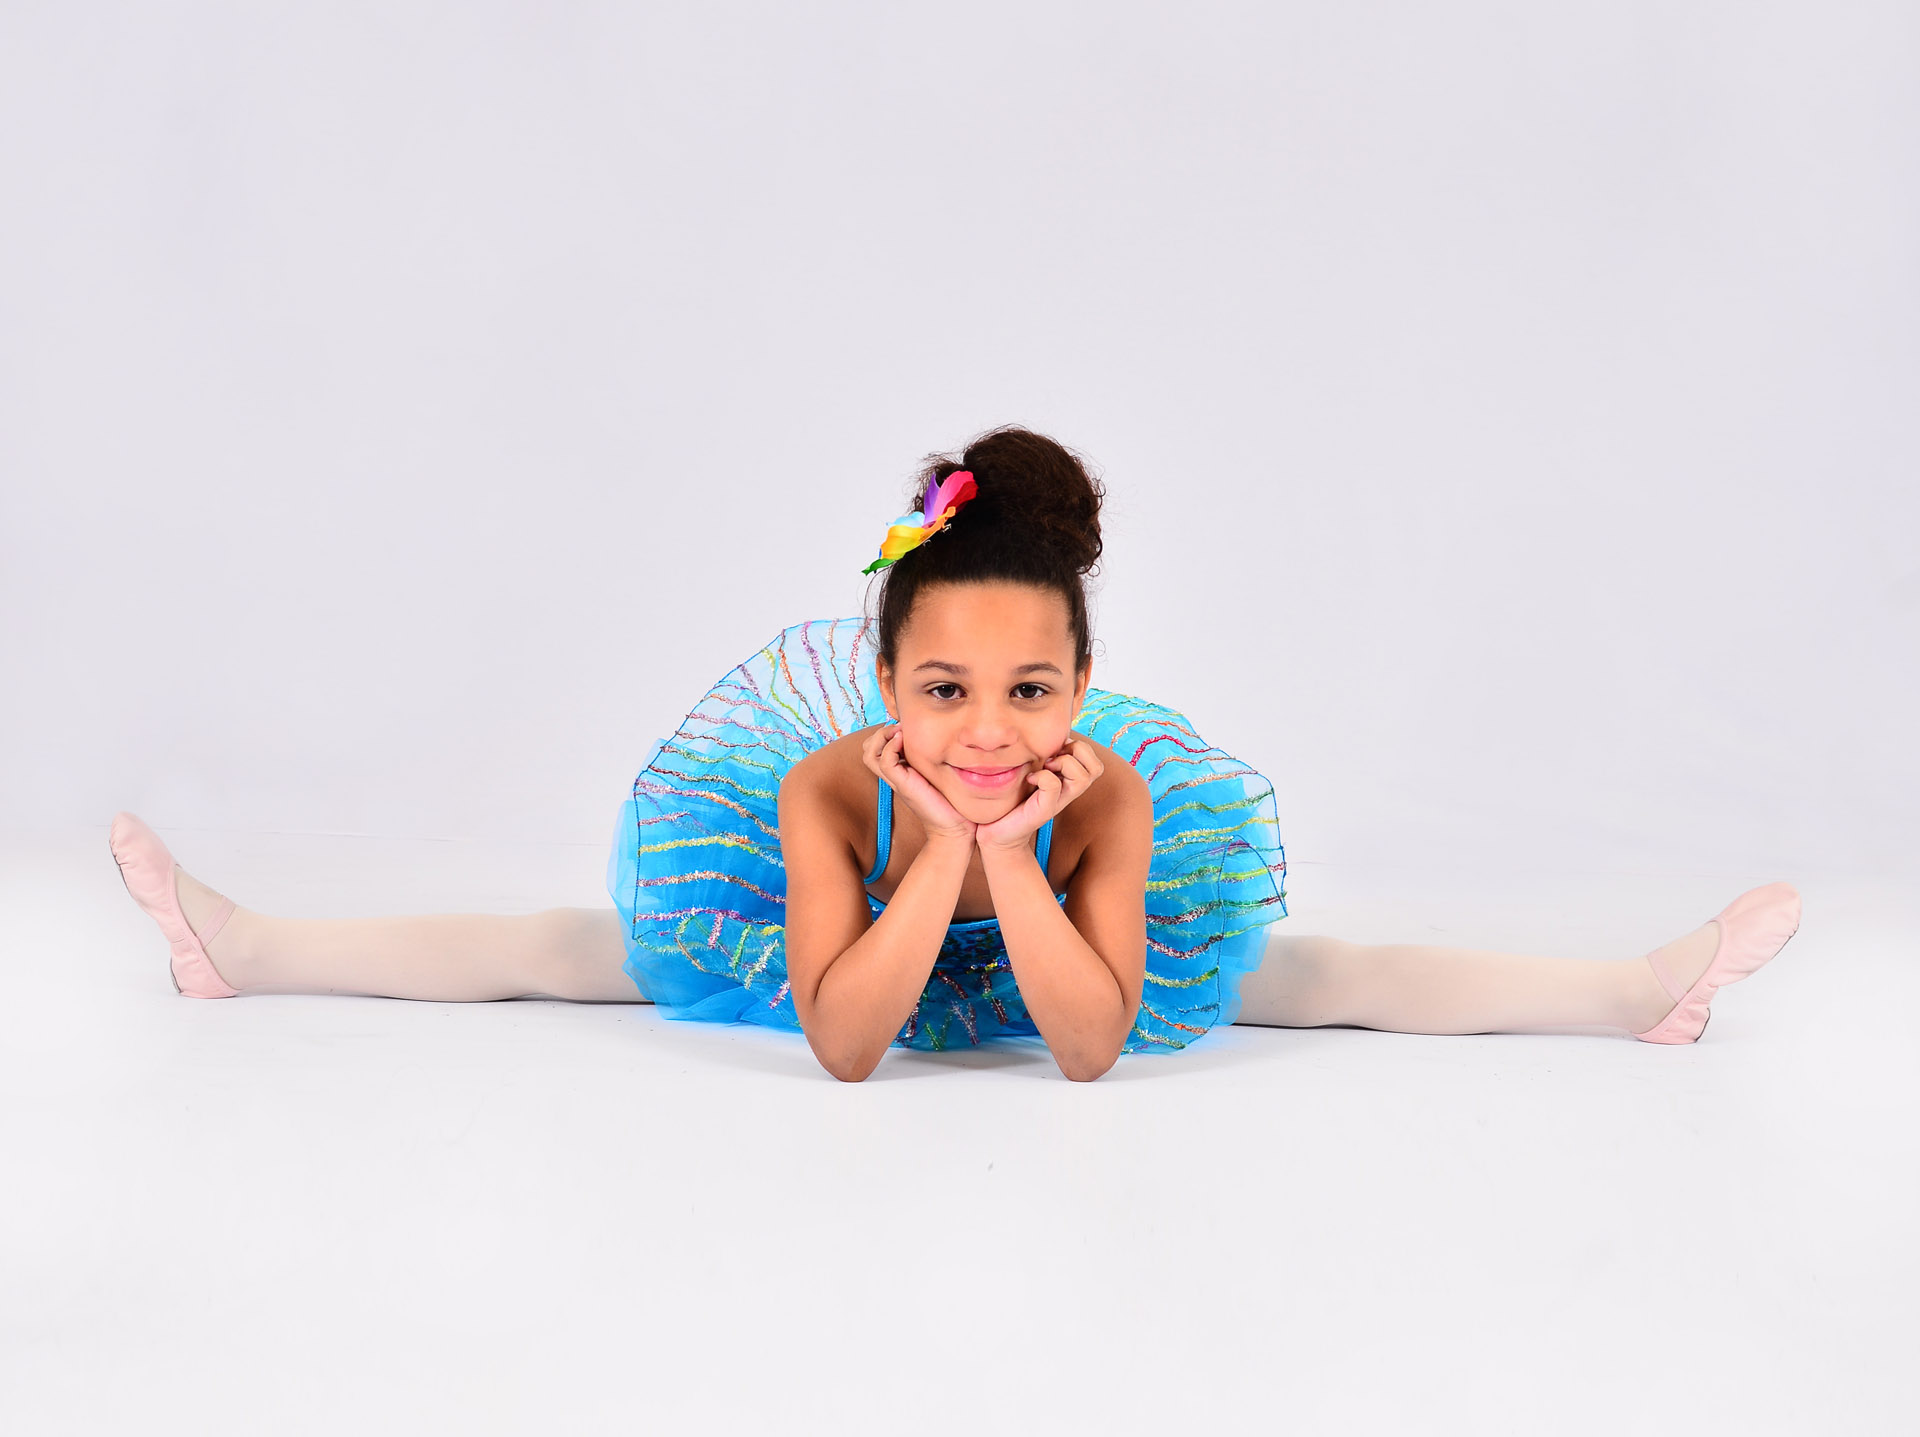 098_Ballet